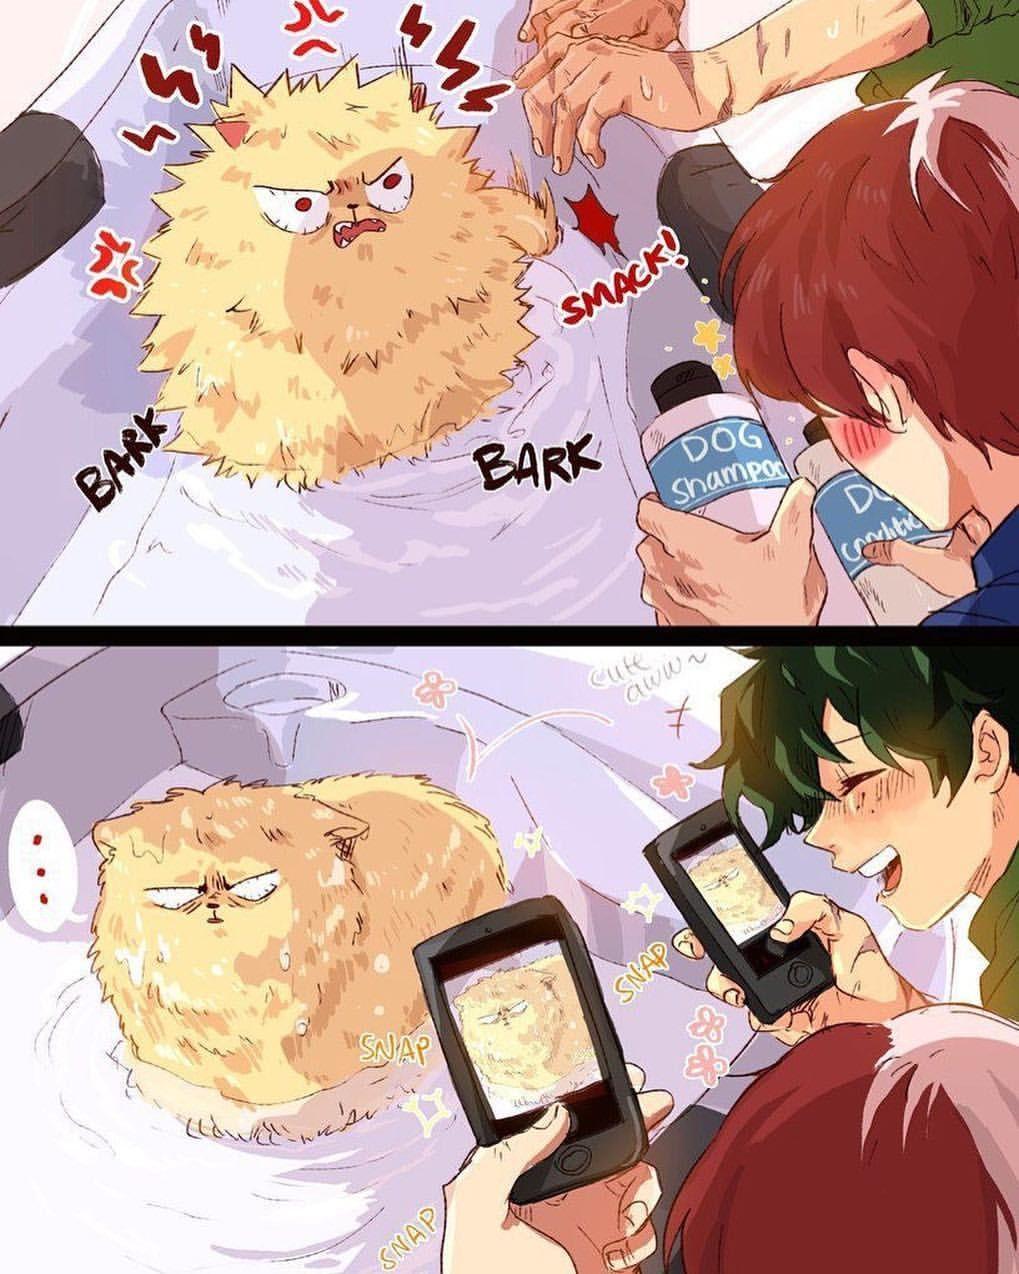 Awww Bakugou As An Angry Yippy Dog Is Adorable X Todobakudeku X My Hero Boku No Hero Academia My Hero Academia Episodes